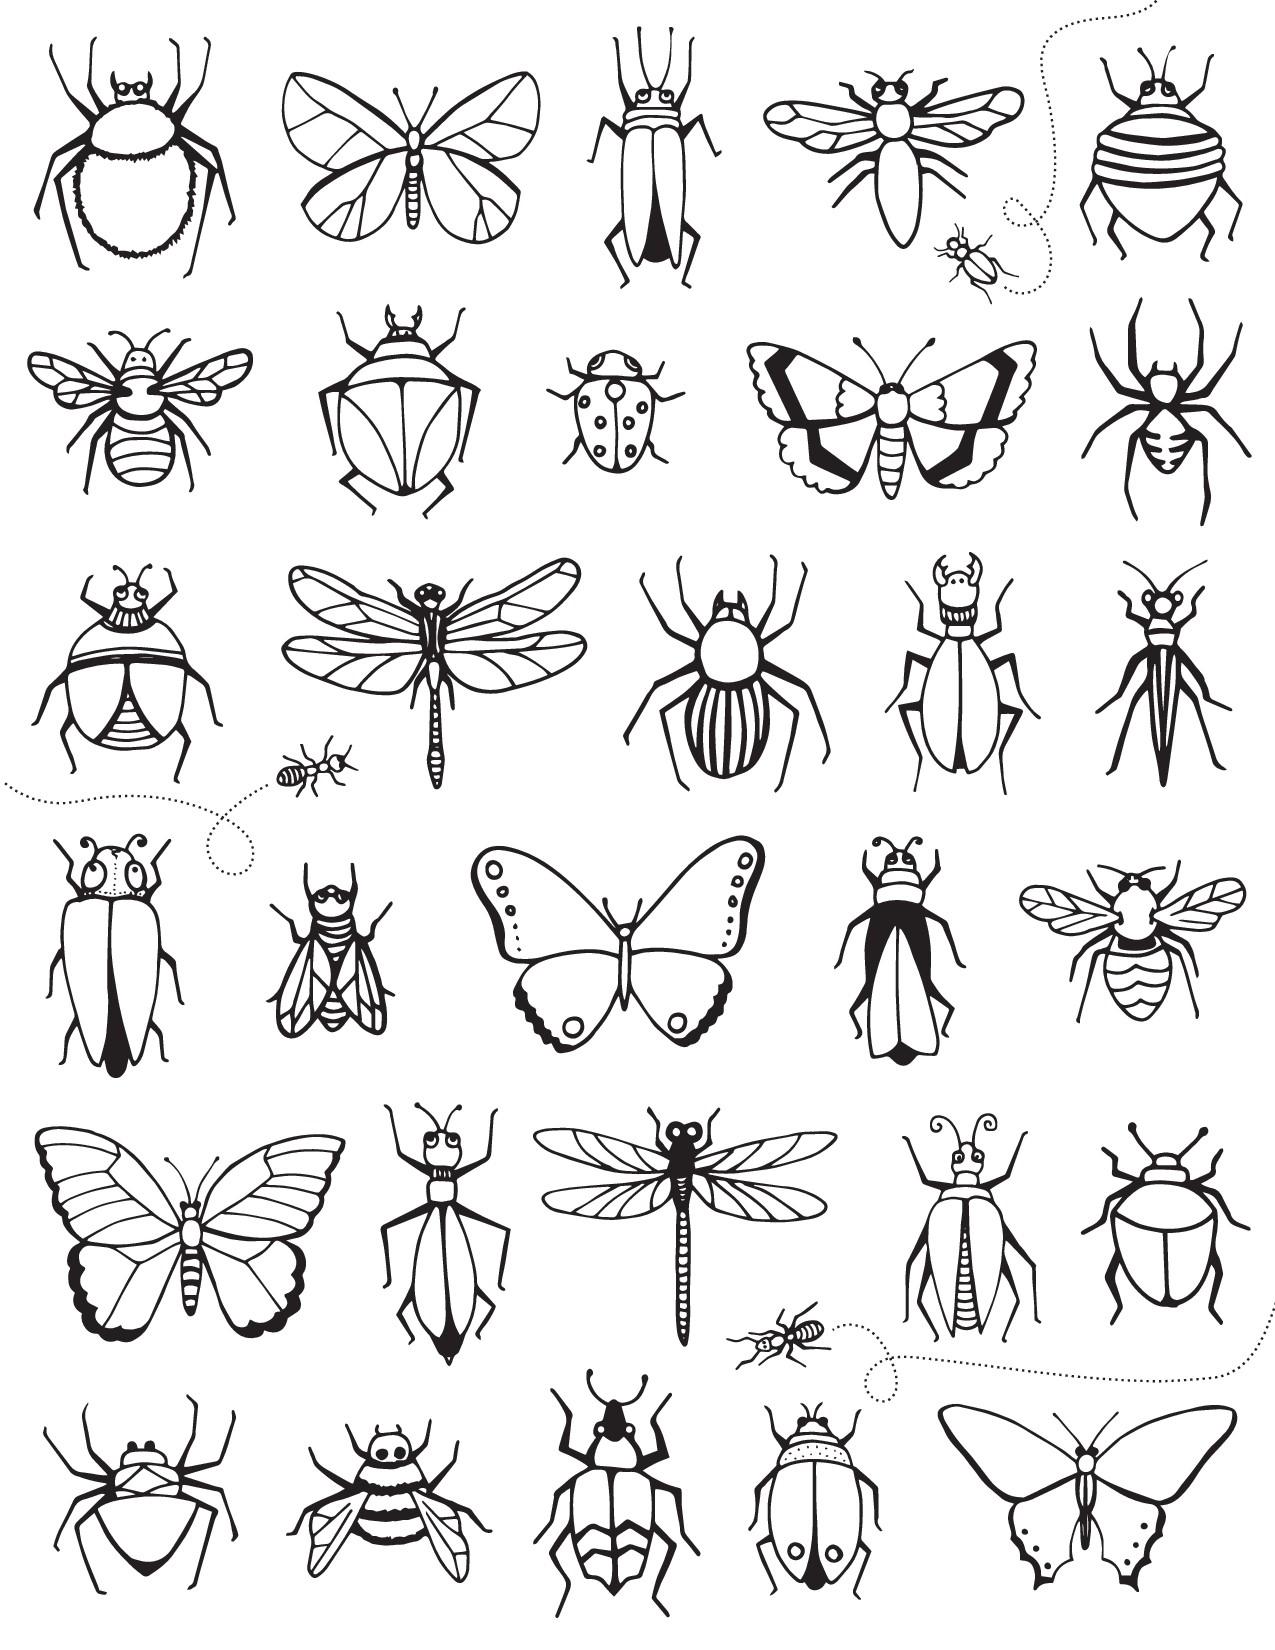 Много разных насекомых - бабочки, жуки, кузнечики, пауки